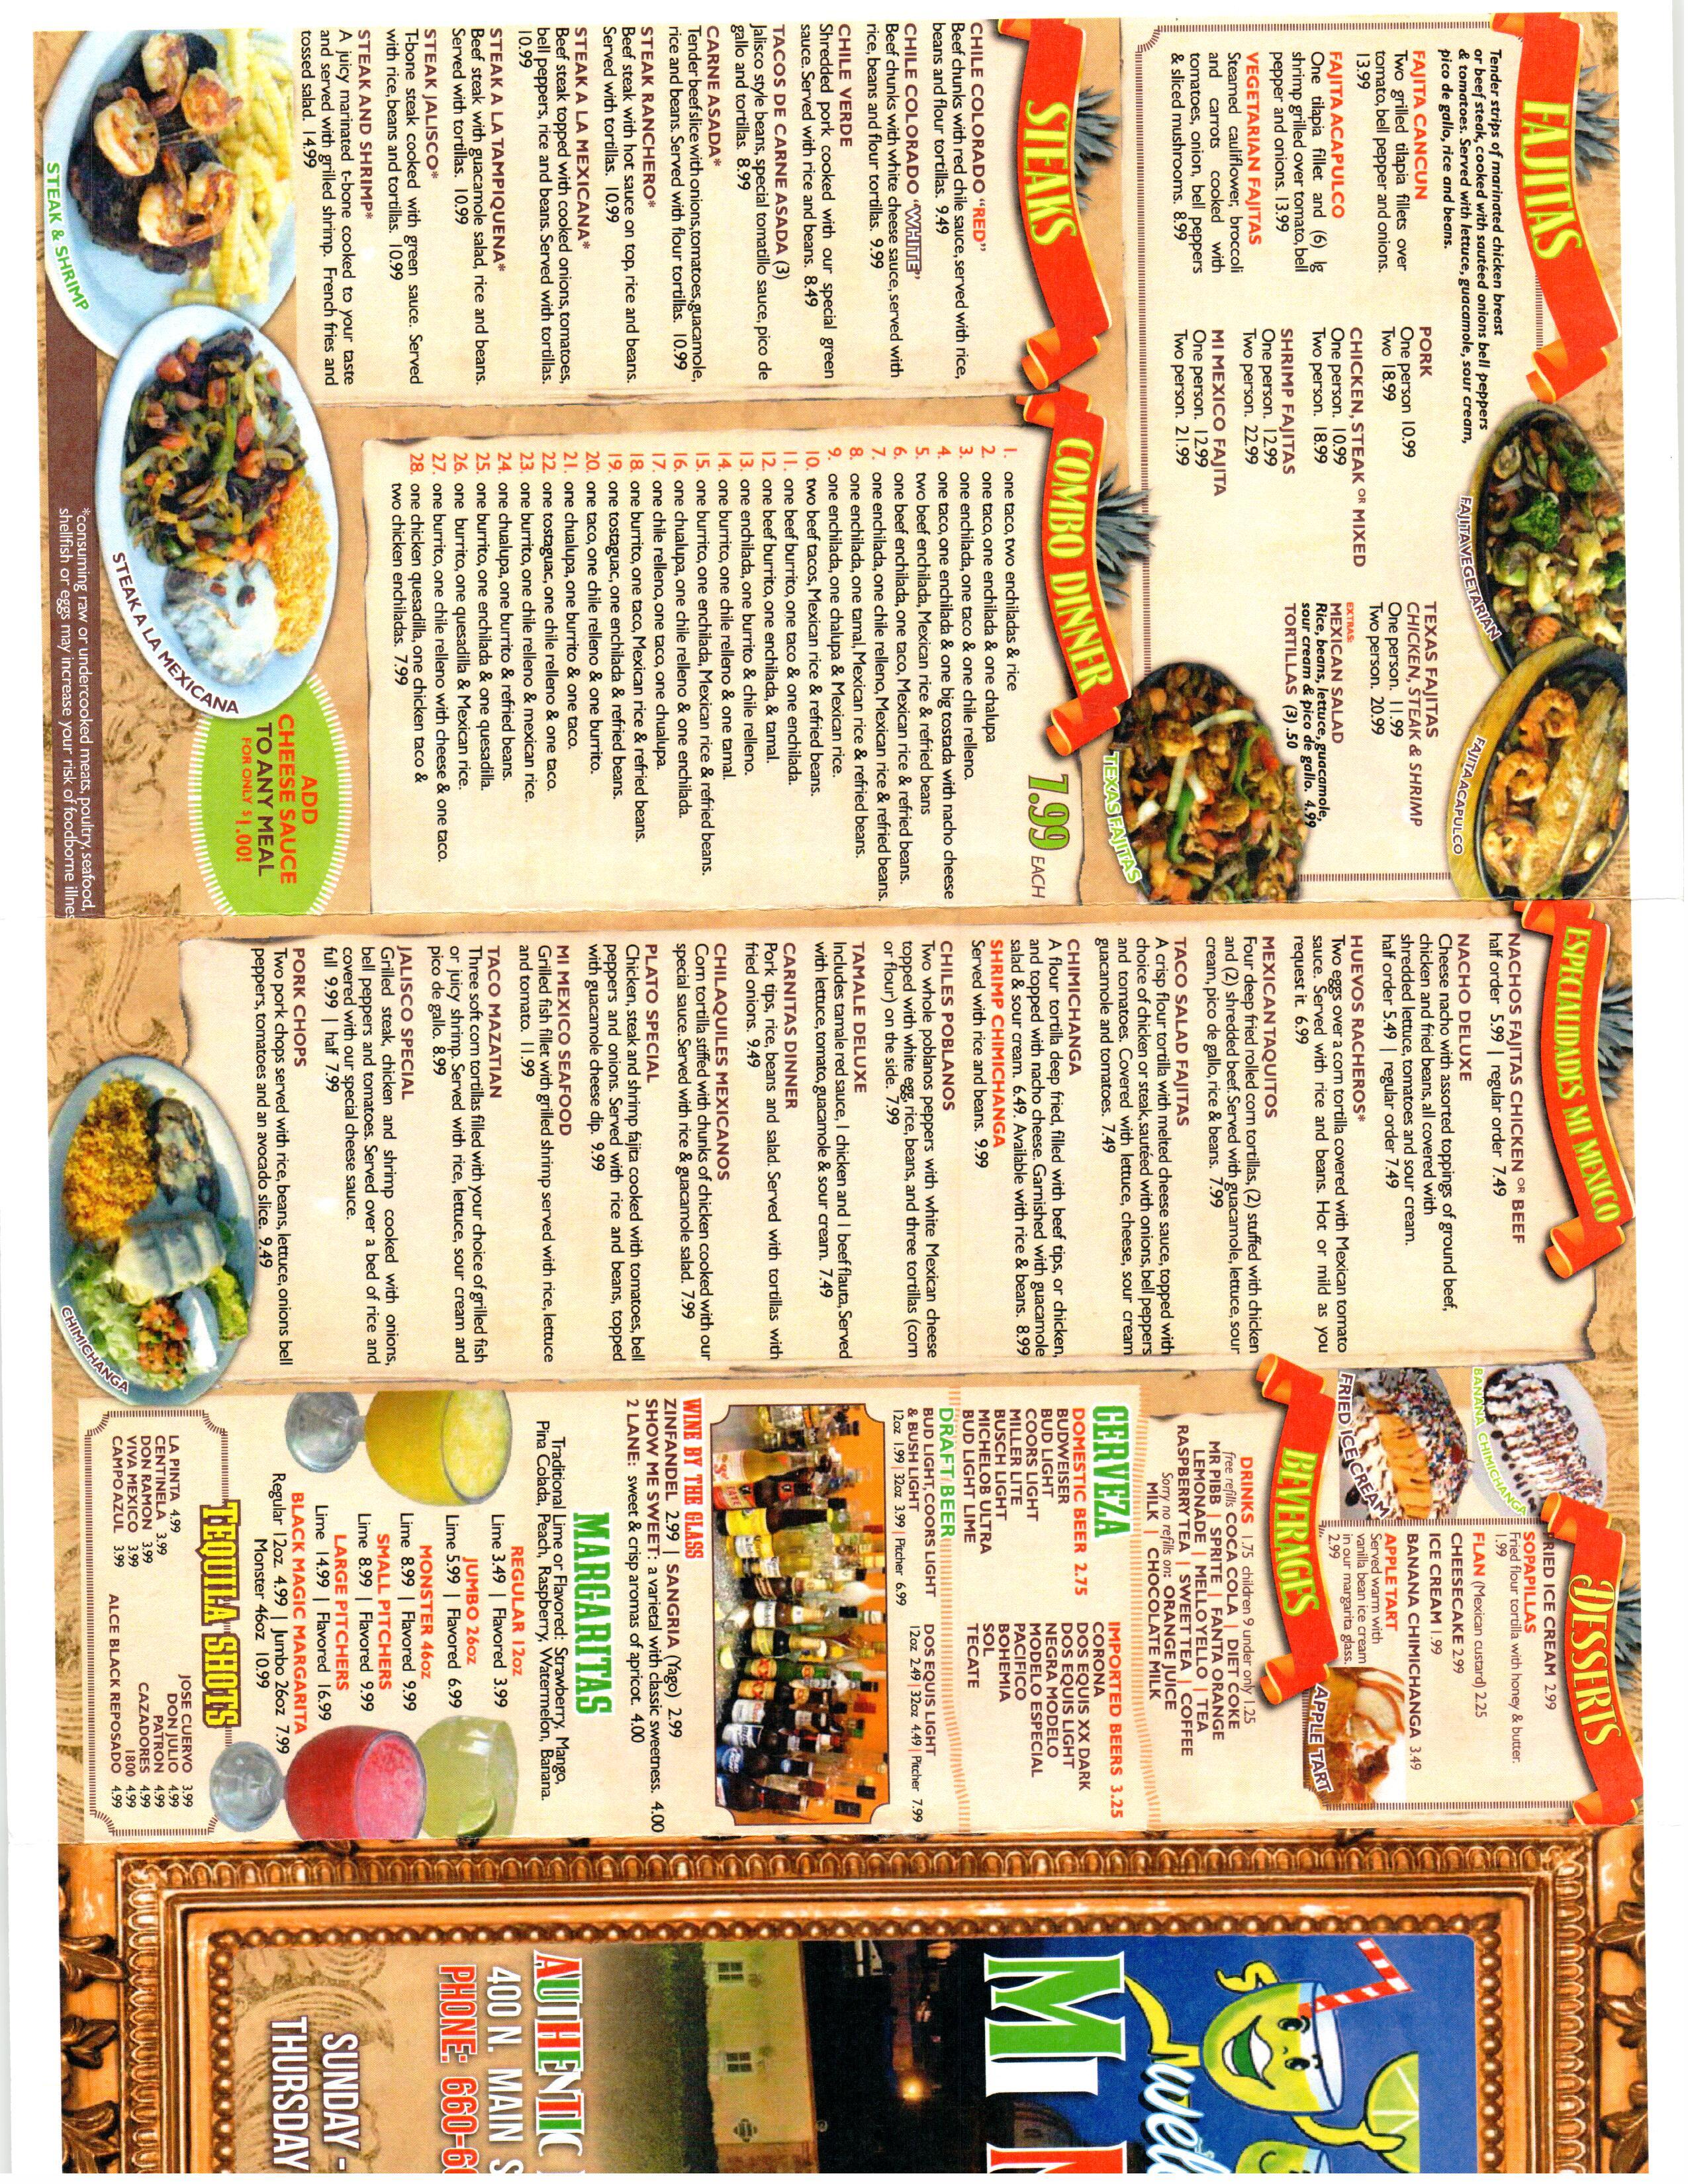 Mi Mexico Mexican Restaurant, Gallatin MO